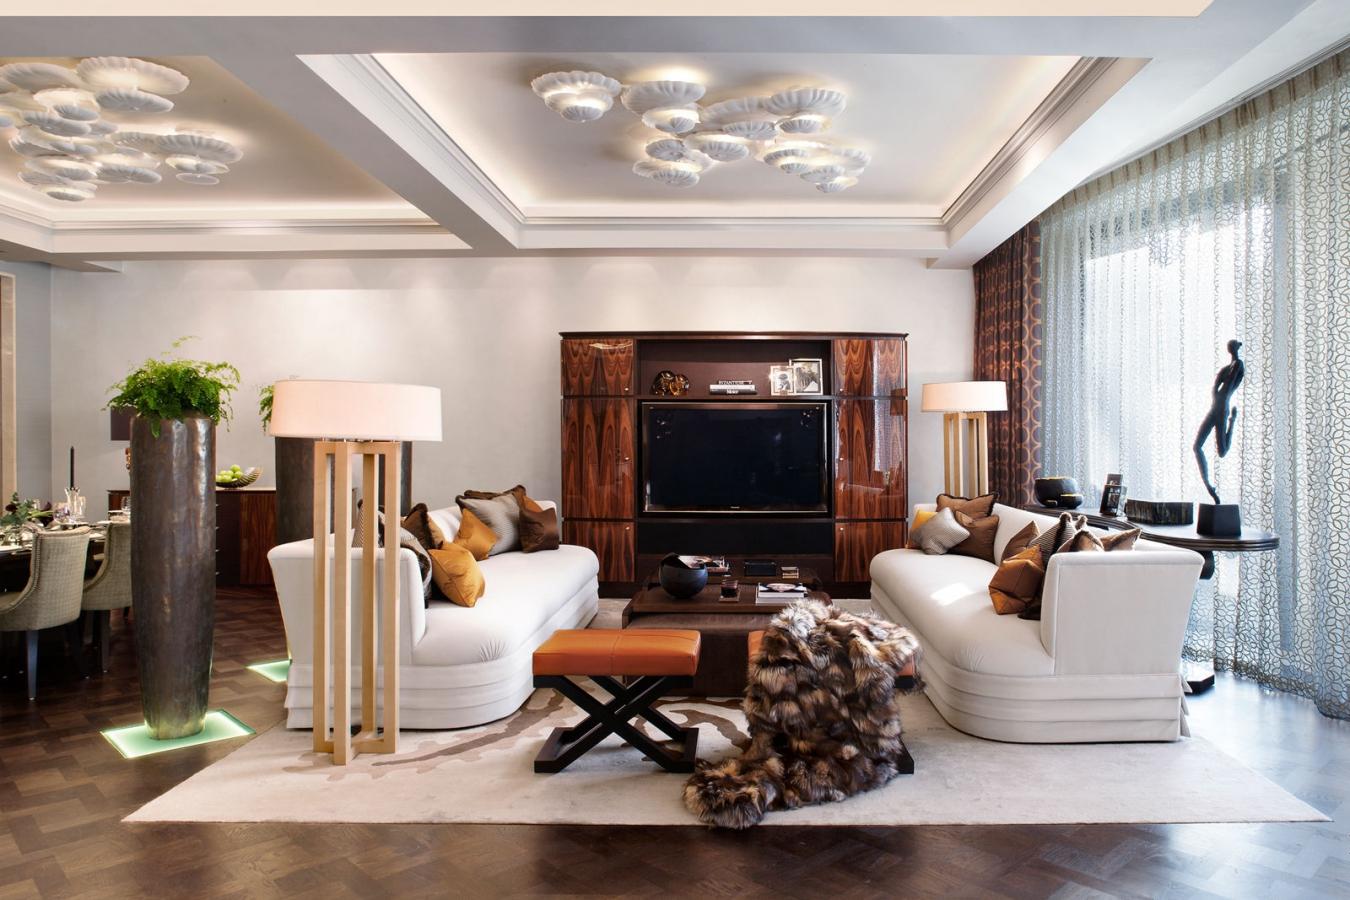 Интерьер, Другое, Гостиная, гостиная,классика,неоклассика,неоклассический стиль,светлый интерьер,